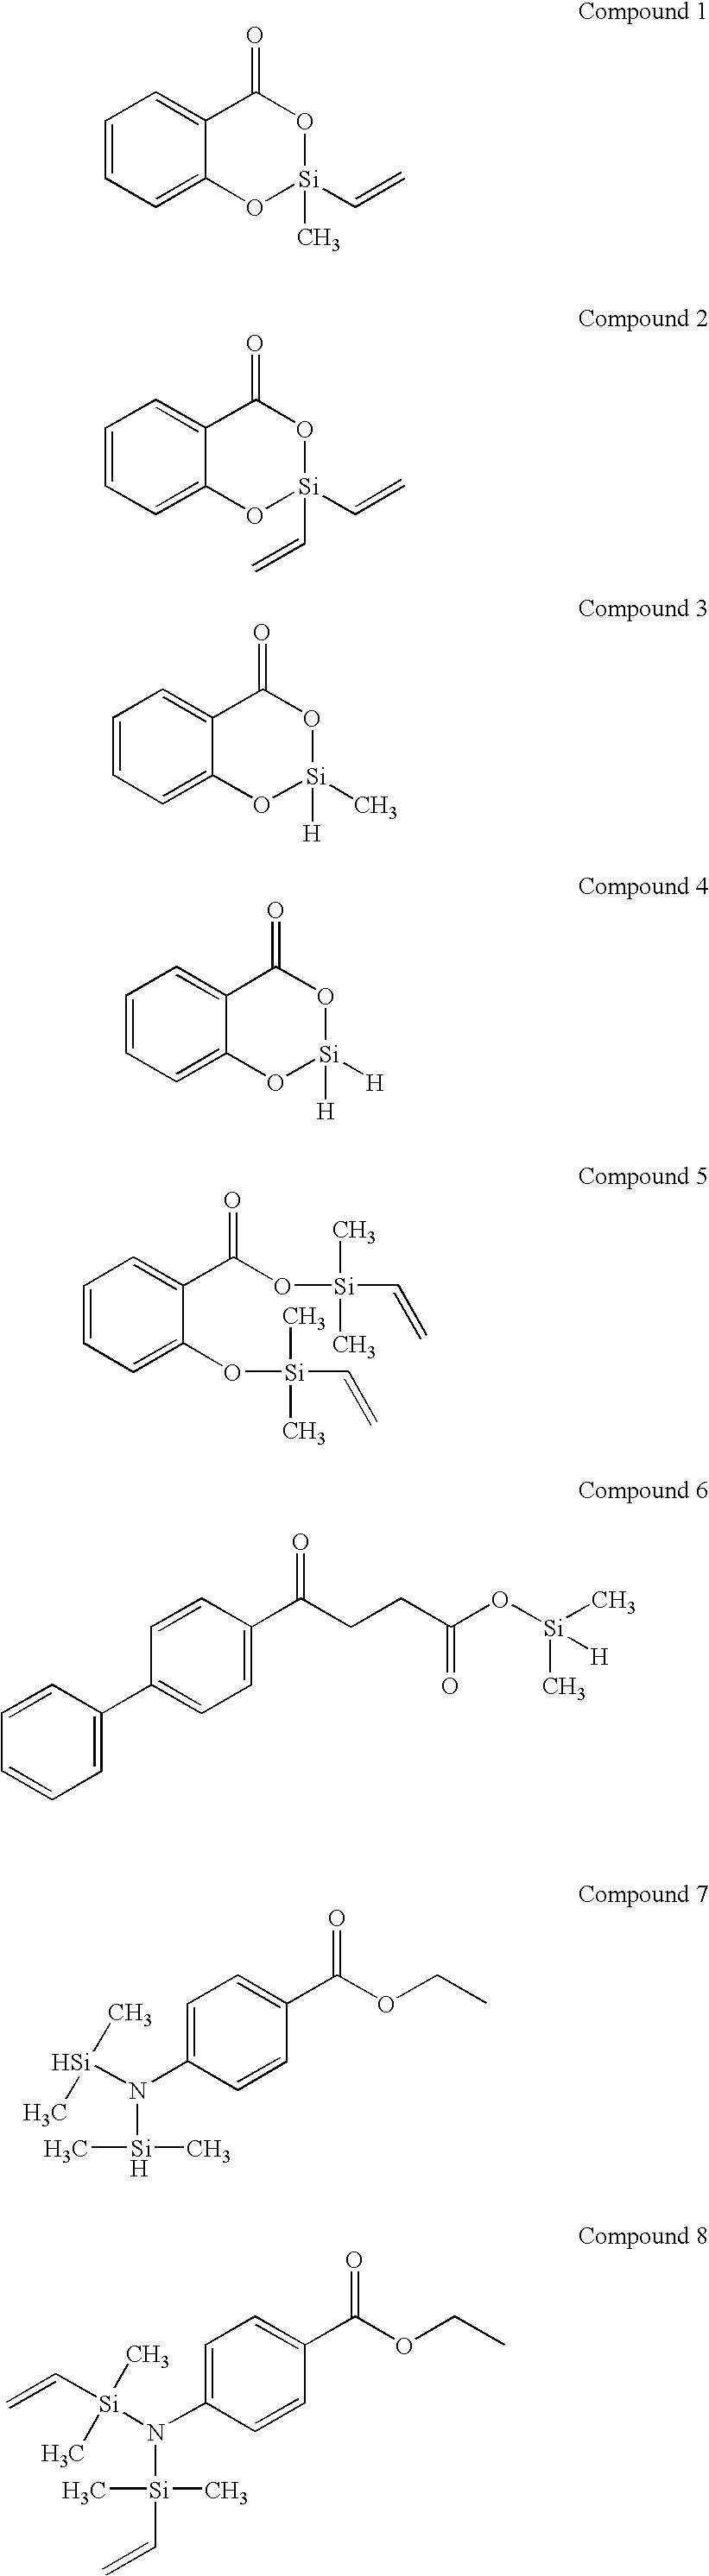 Figure US20040228902A1-20041118-C00007